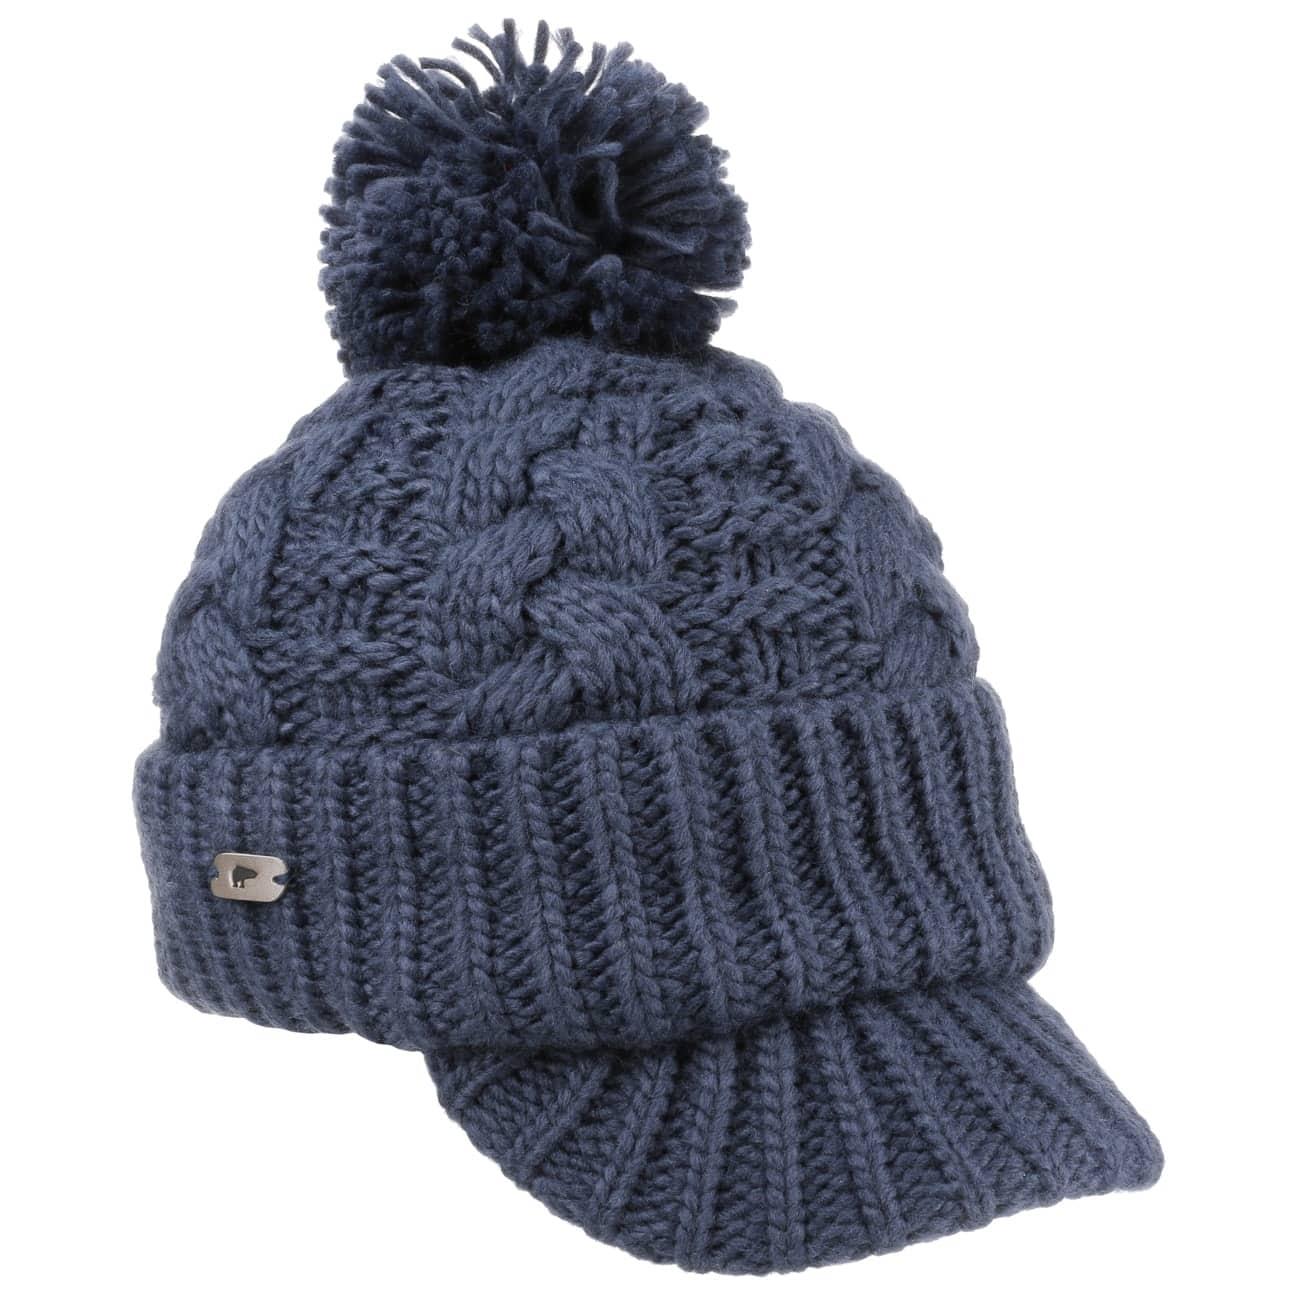 Bonnet en Tricot Keno by Eisbär  bonnet à pompon